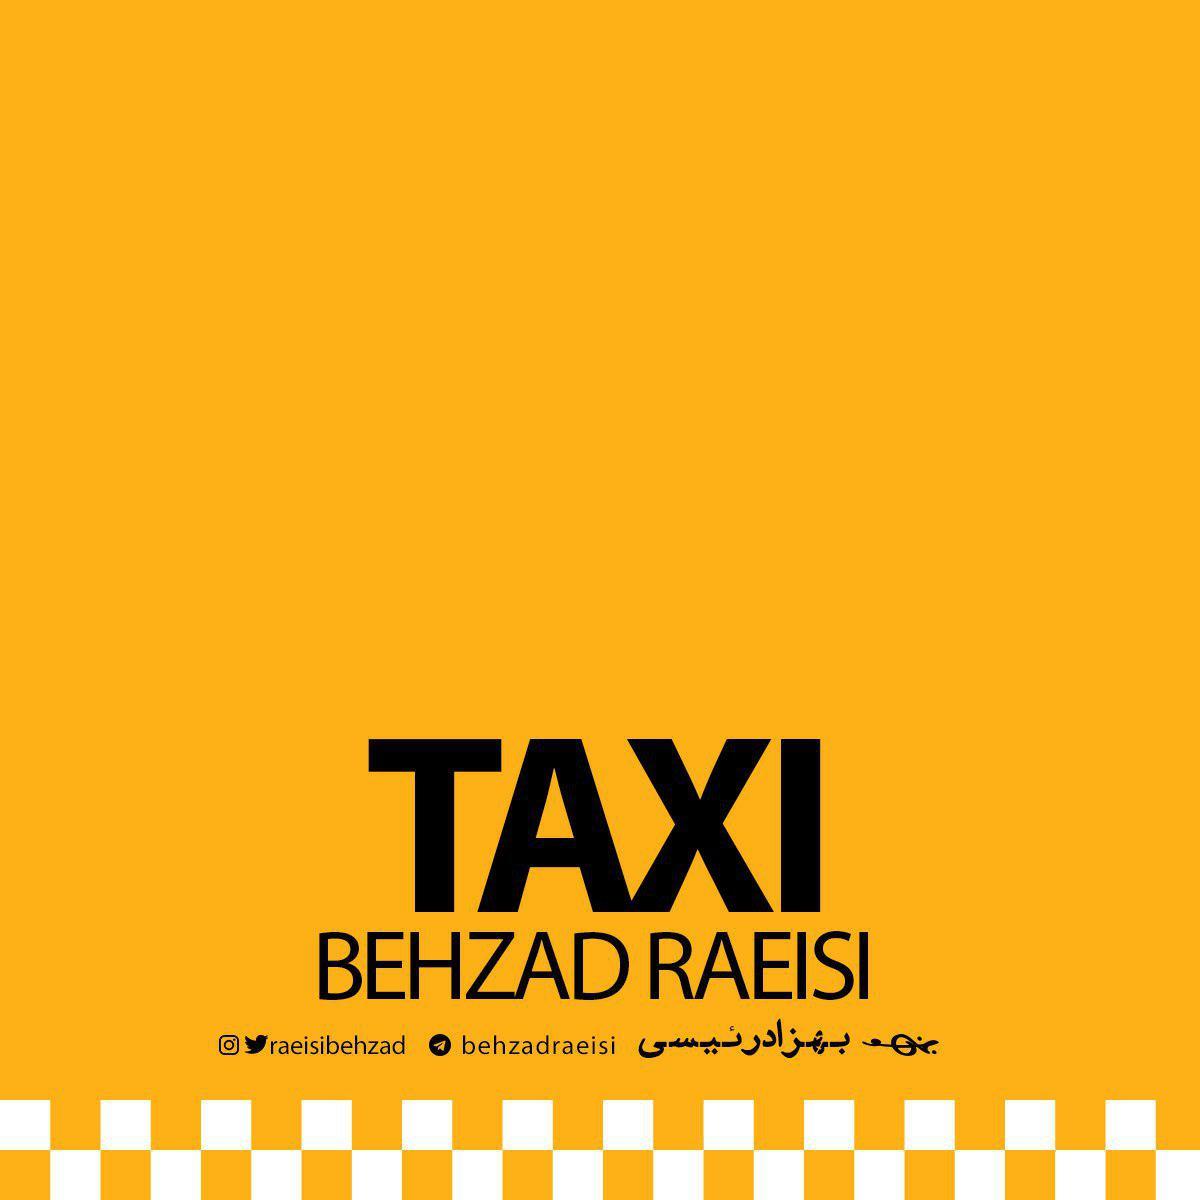 دانلود آهنگ راننده تاکسی منو ببر تا هر جا که خواستی - بهزاد رئیسی